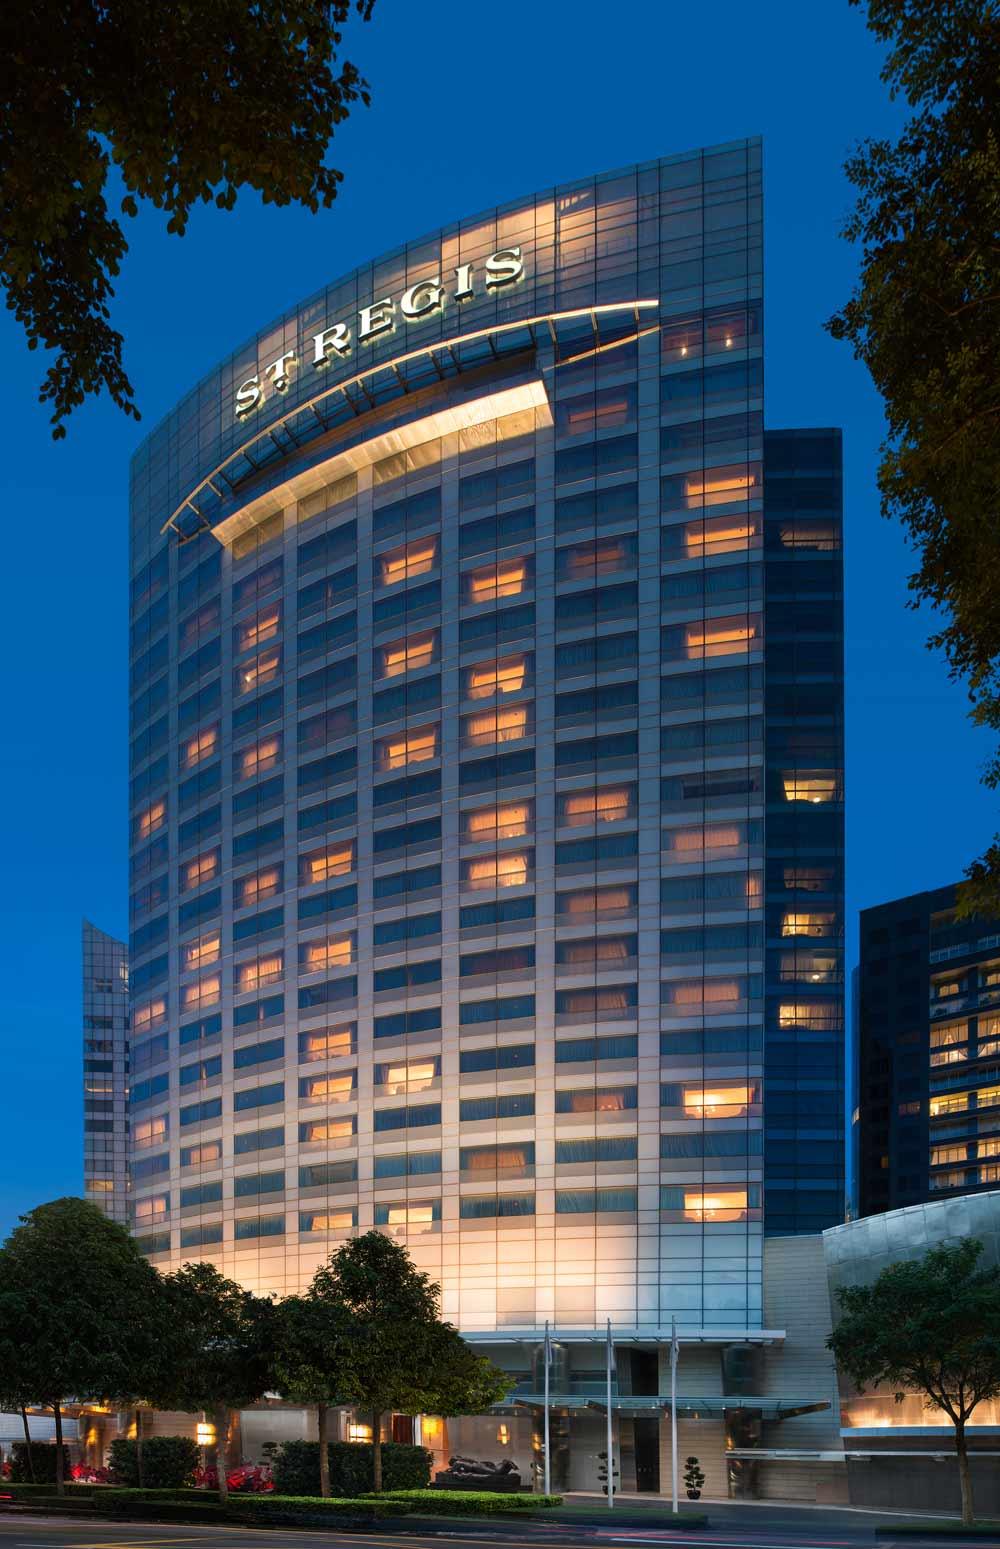 St Regis Singapore Hotel Exterior